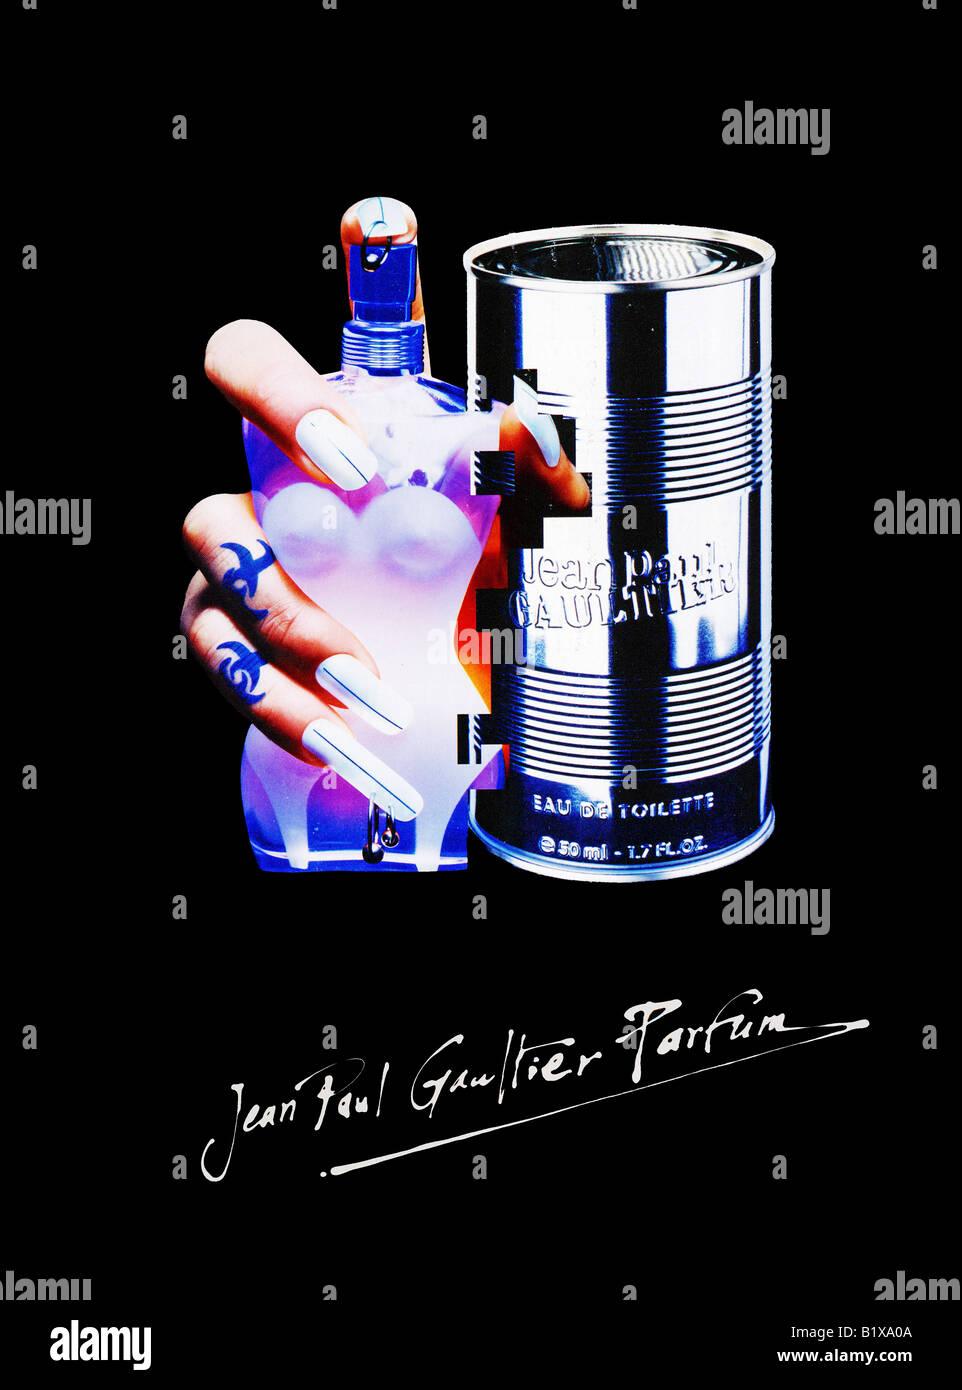 Paul Éditorial Gaultier Publicité Parfum Usage Un 90 Jean Pour roBdhsxtQC